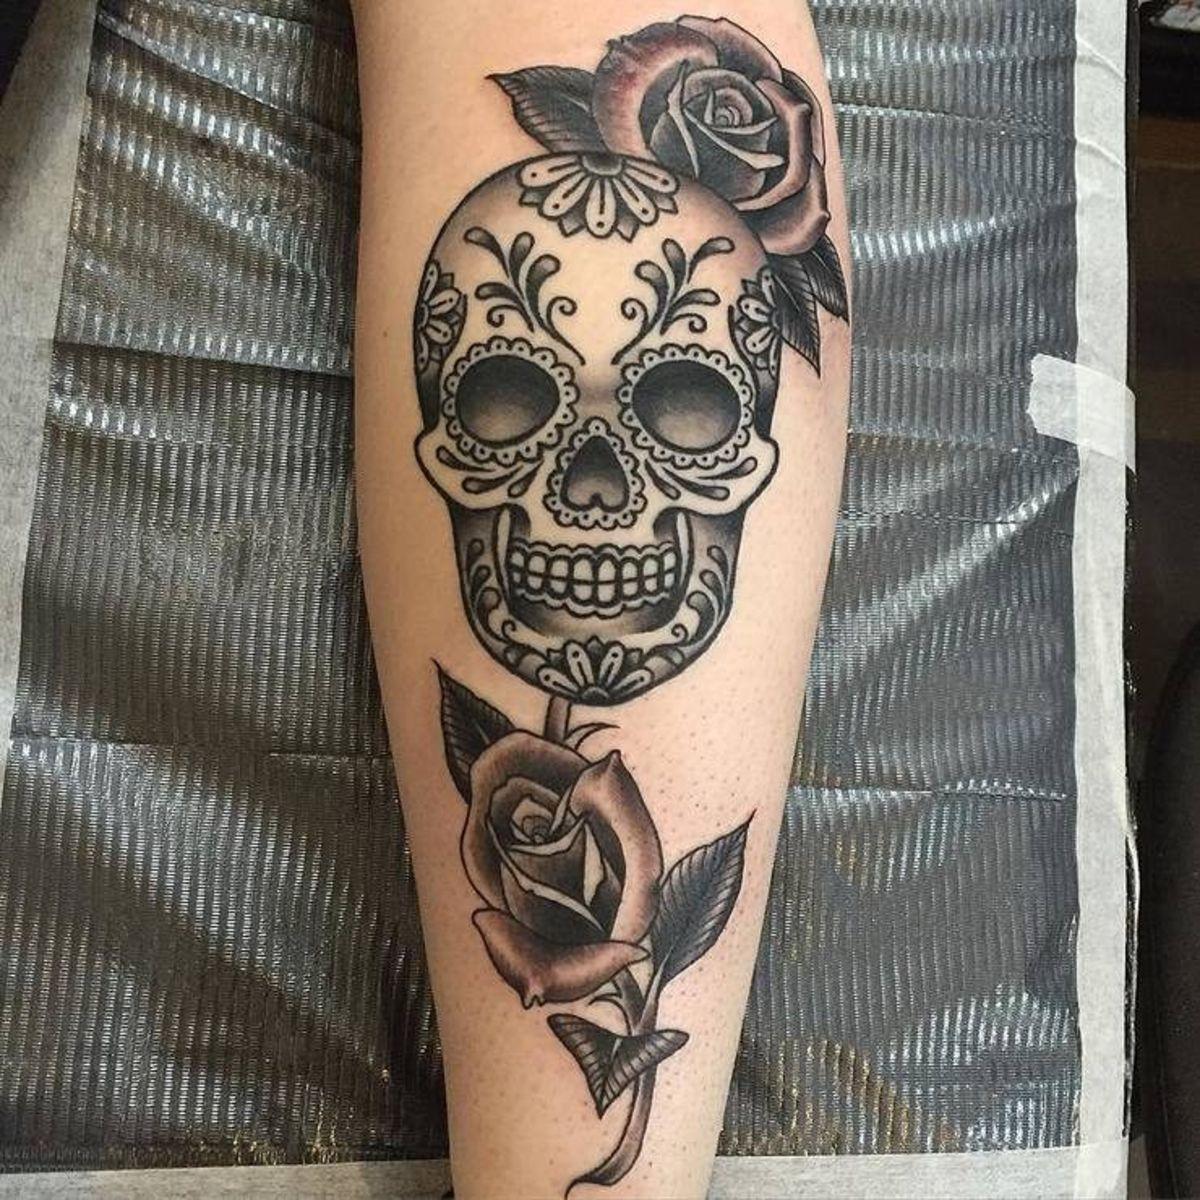 Смотреть картинки татуировок с черепами футболку можете